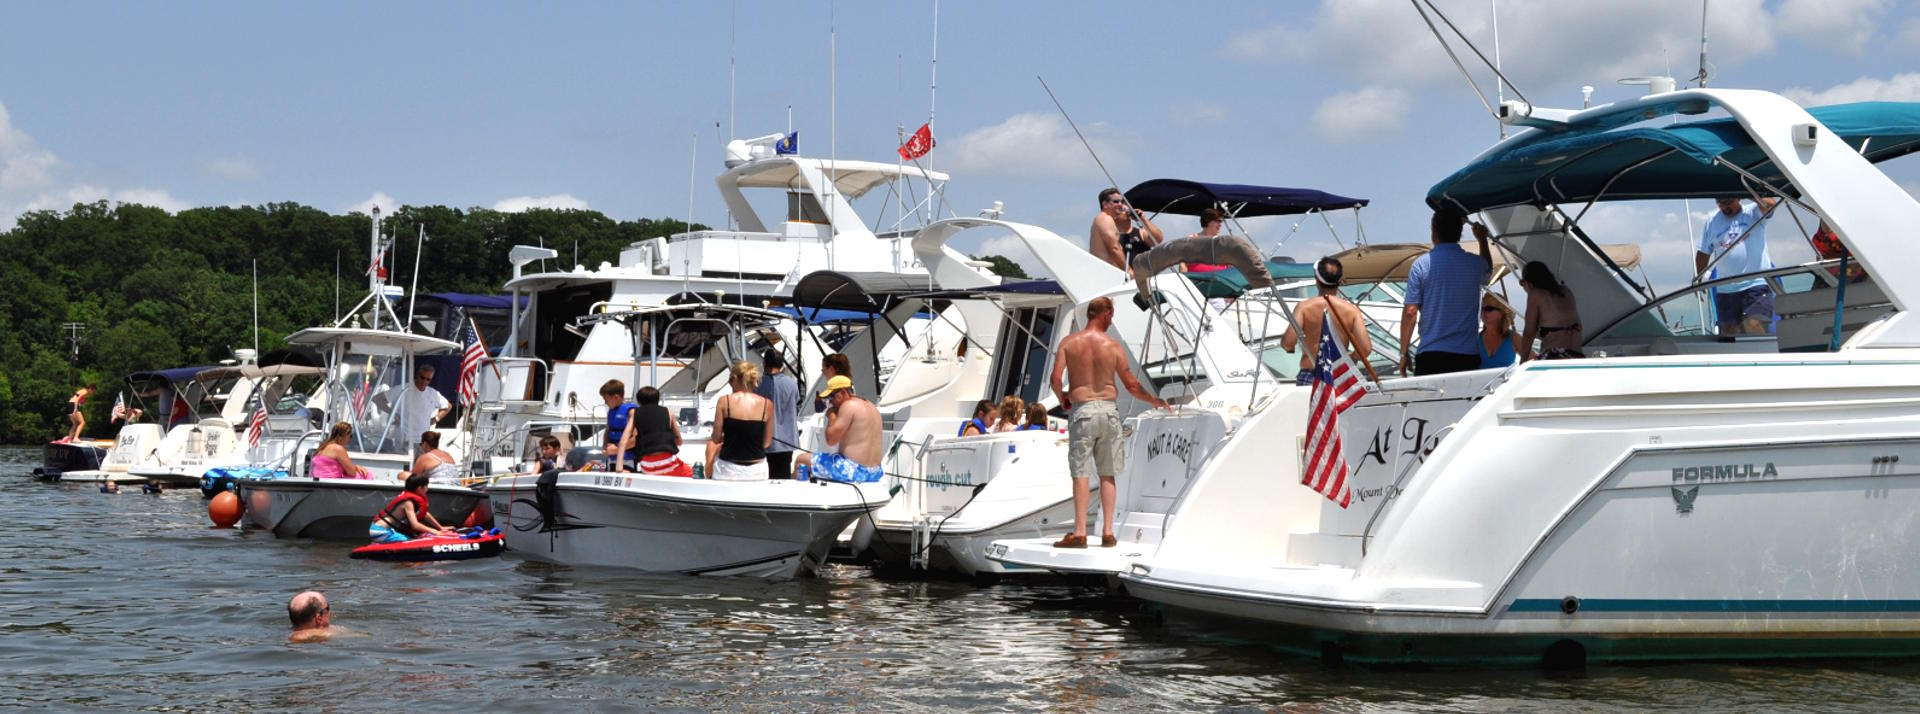 Summer at Pohick Bay